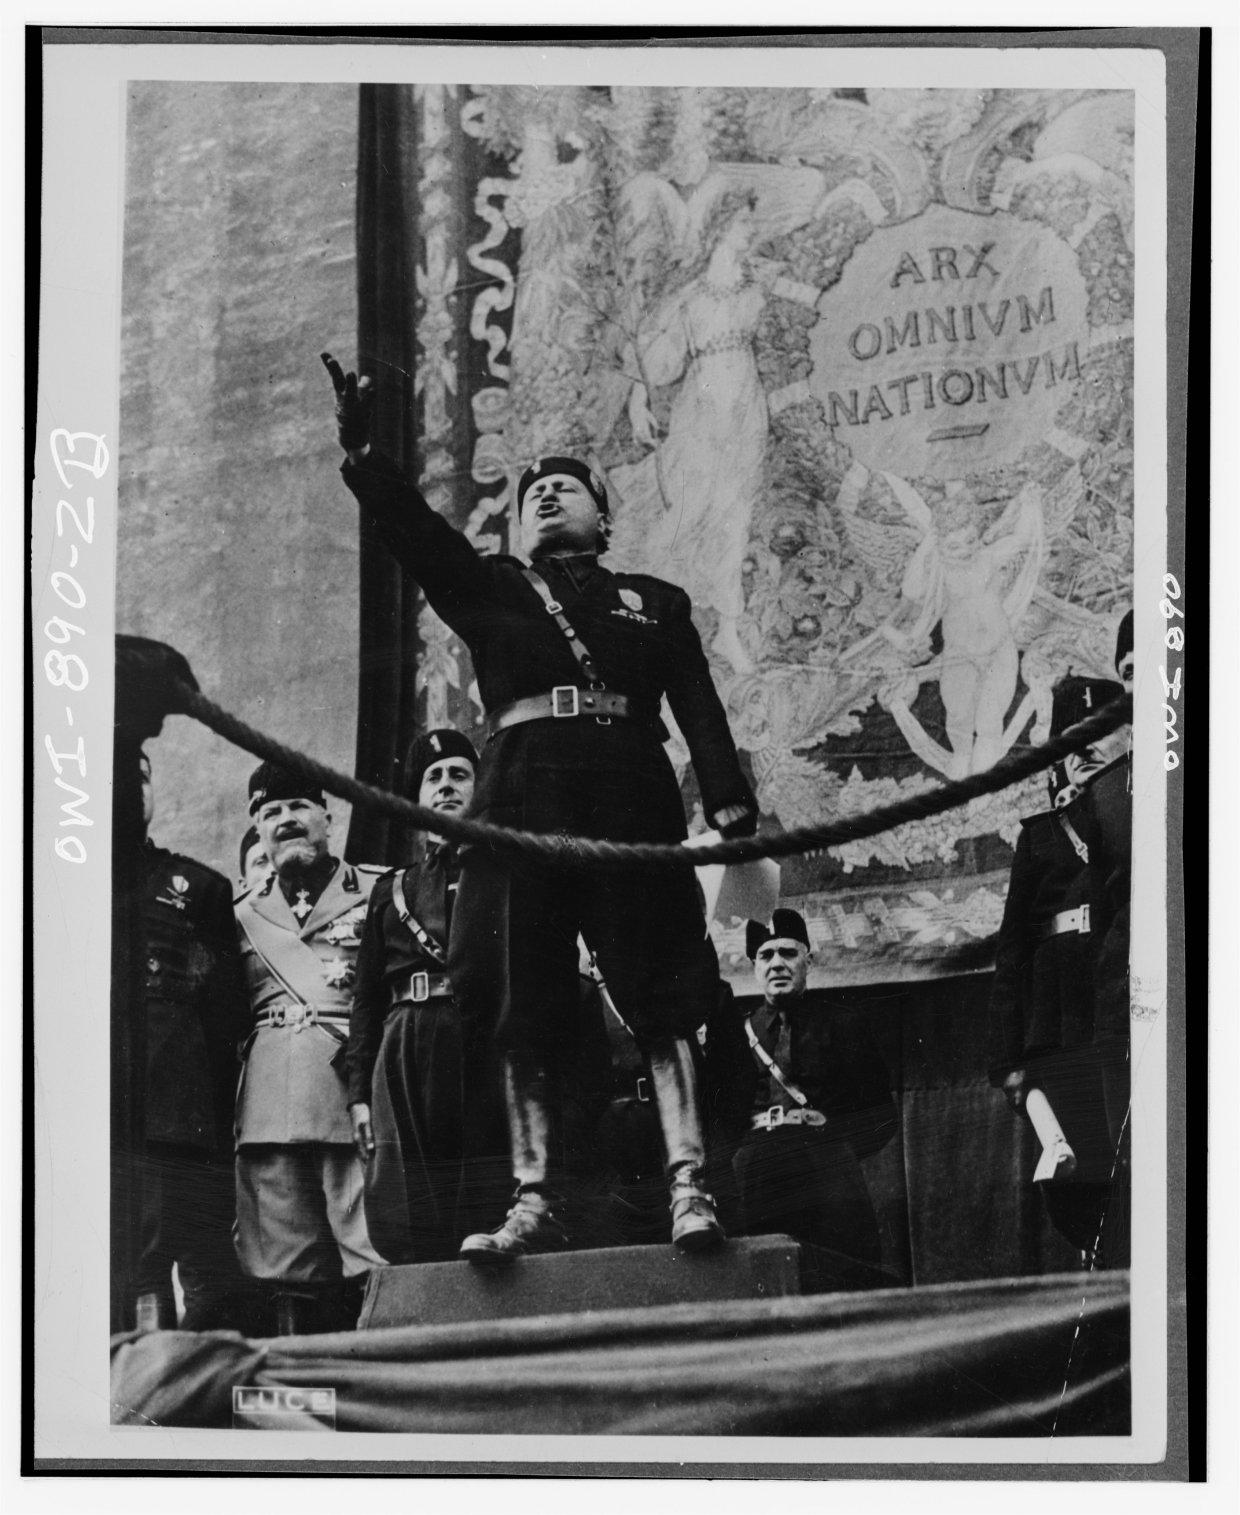 파시즘의 대중심리 – 빌헬름 라이히